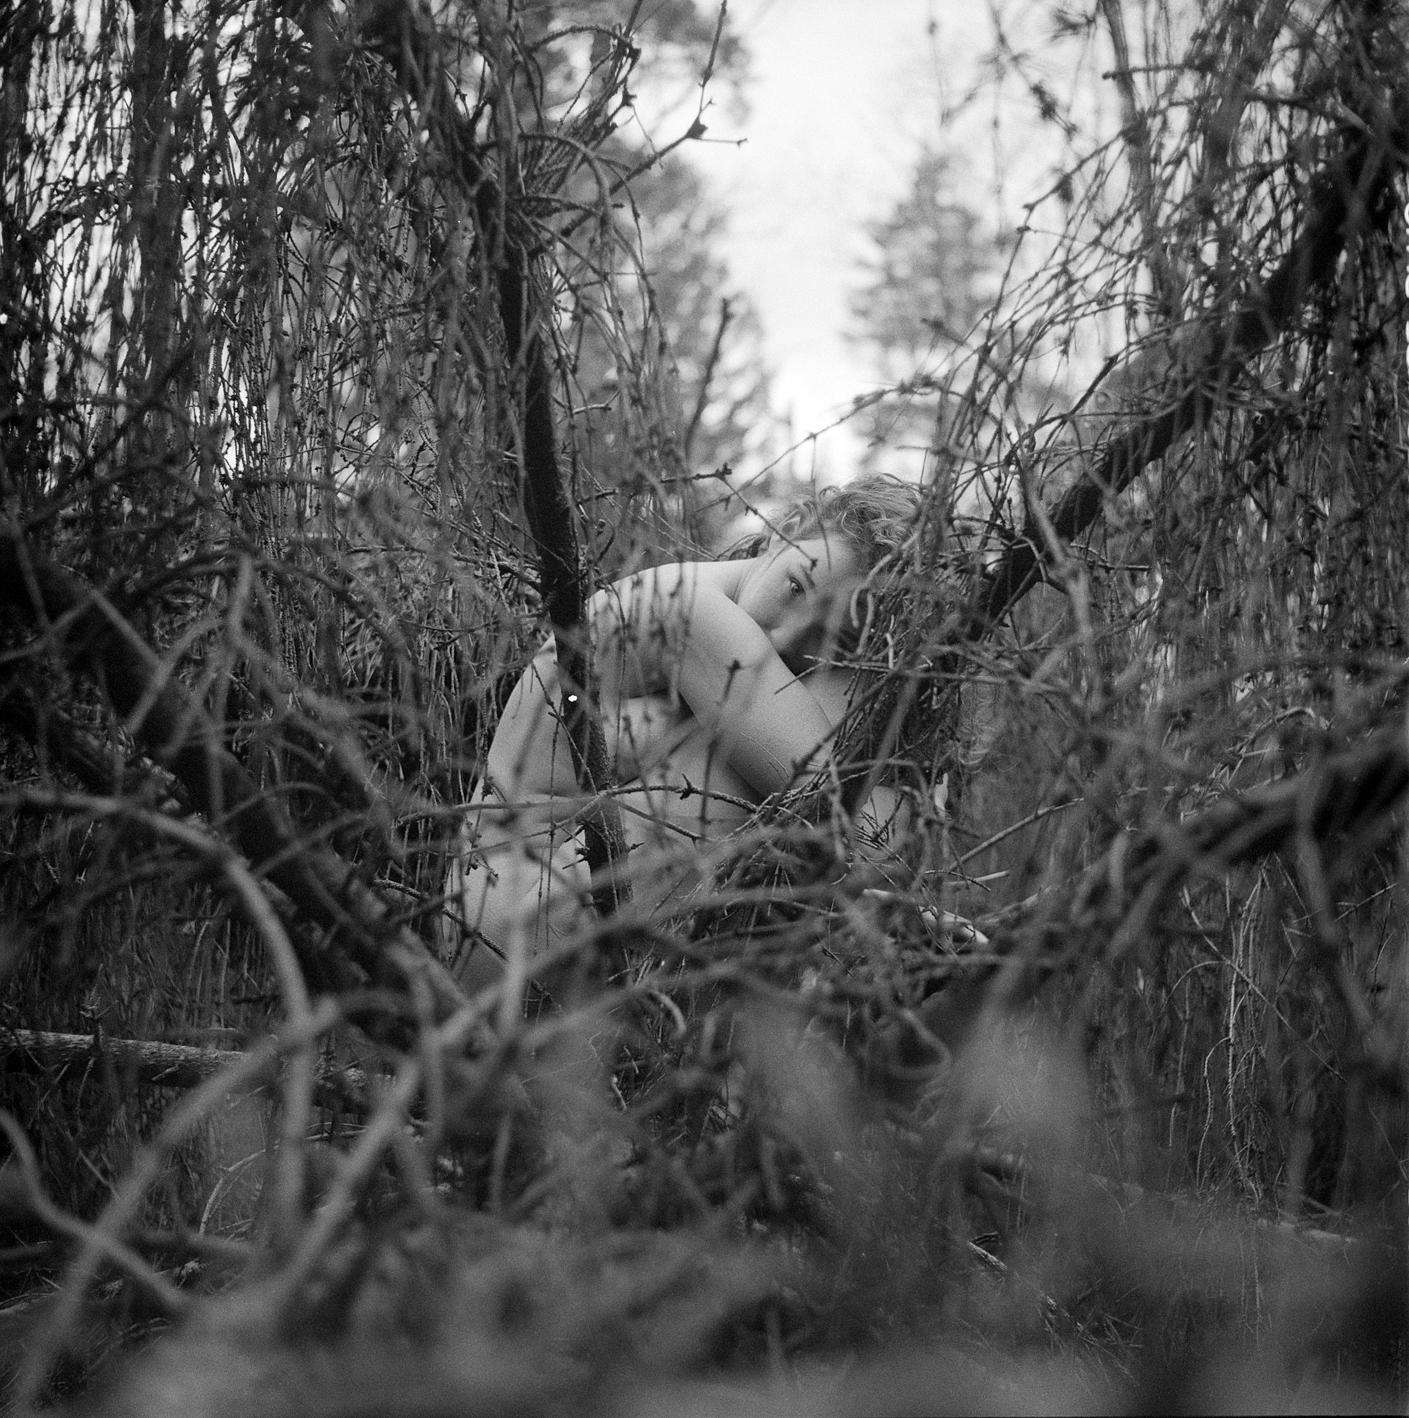 Noa - Rolleiflex T, Ilford HP5+ - foto door alexander-snel op 12-04-2021 - deze foto bevat: atmosfeer, oog, venster, menselijk lichaam, hout, takje, fabriek, lucht, zwart en wit, kofferbak